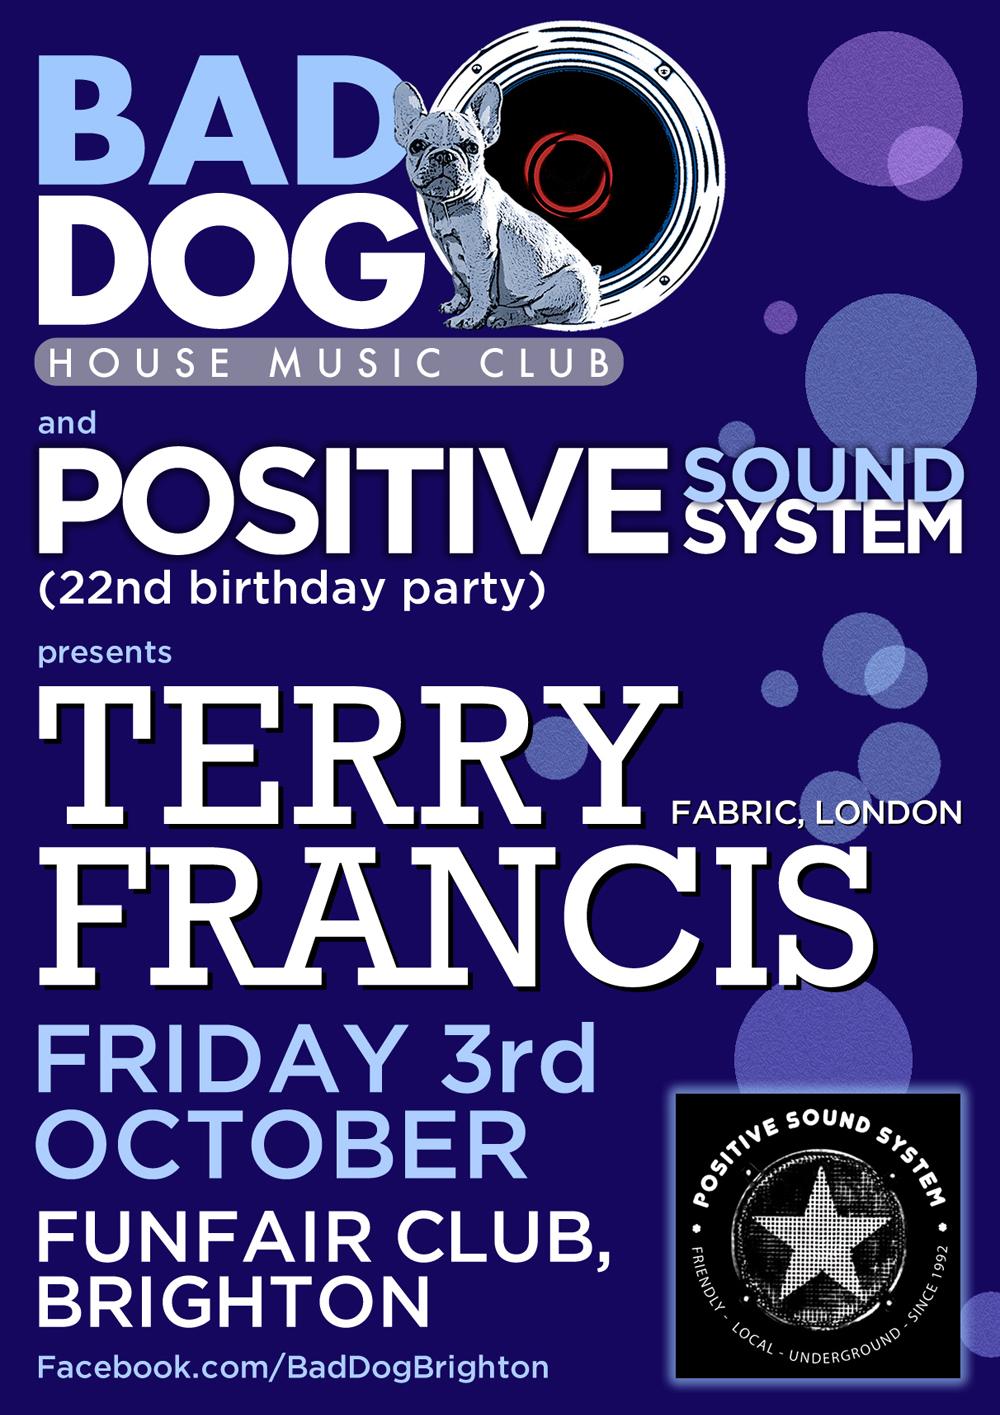 Bad Dog & Positive Sound System flyer - designed by Hook Web & Print